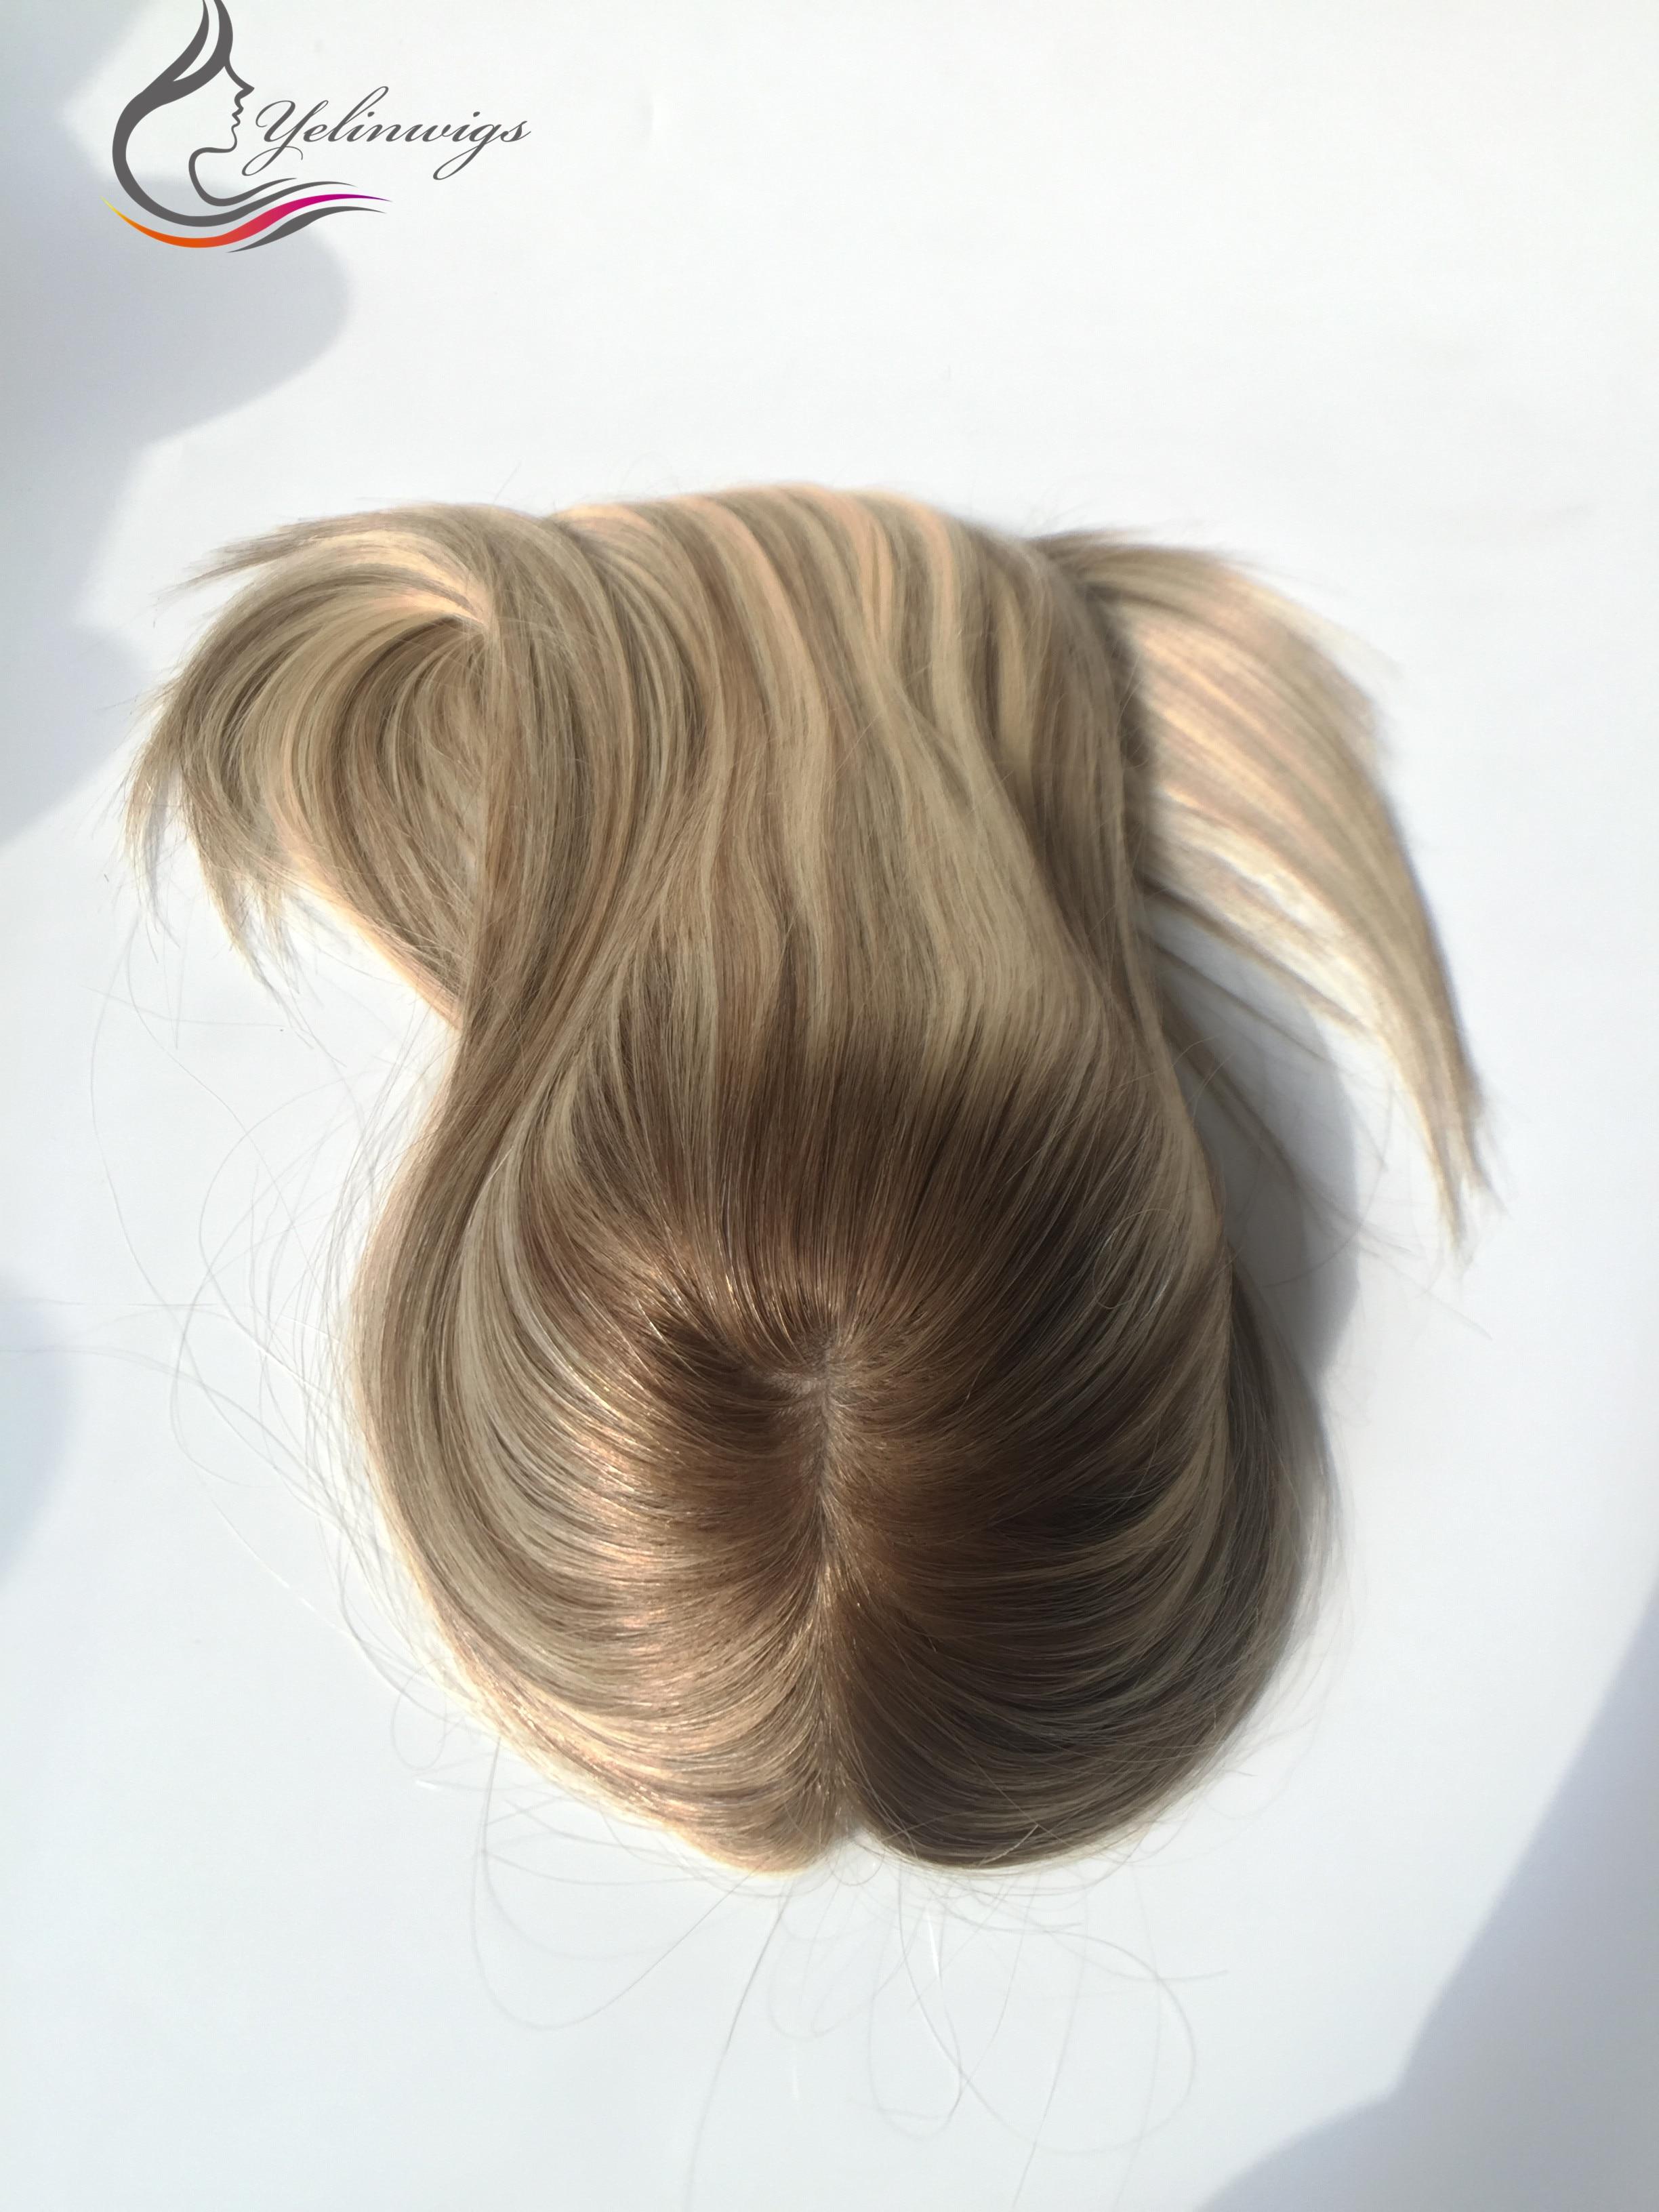 virgem cabelo toppers kippah queda para mulheres judias cabelo peças